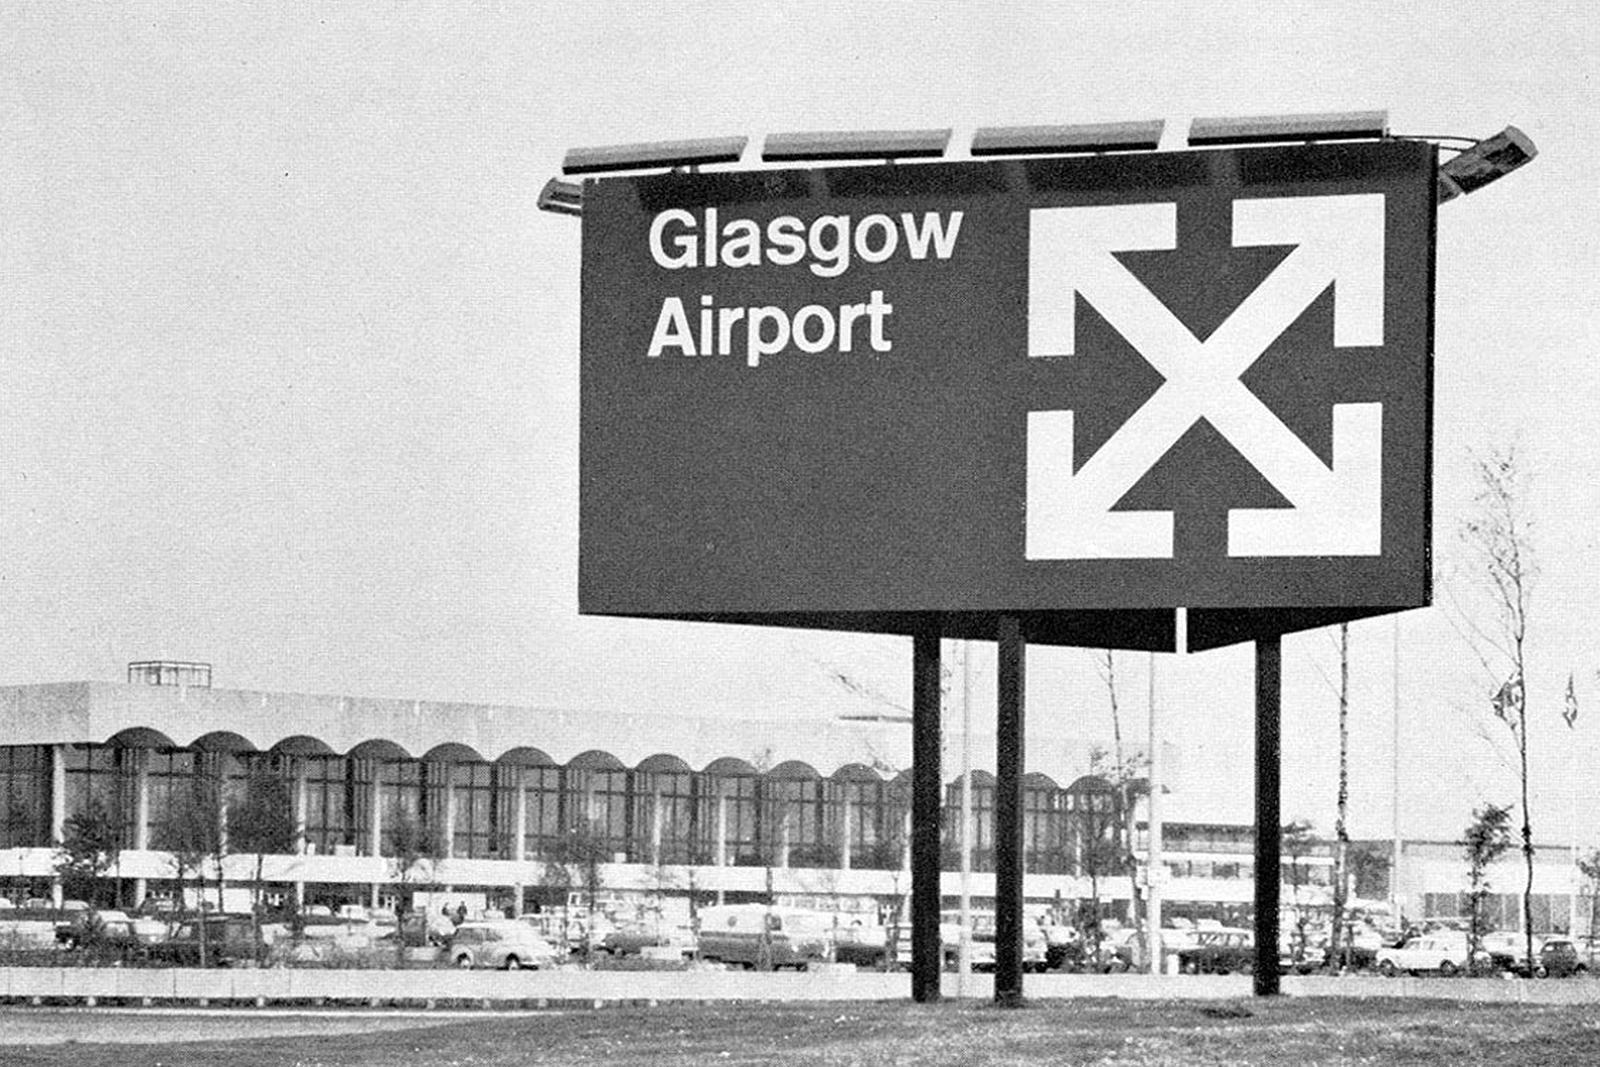 Margaret Calvert — Glasgow Airport